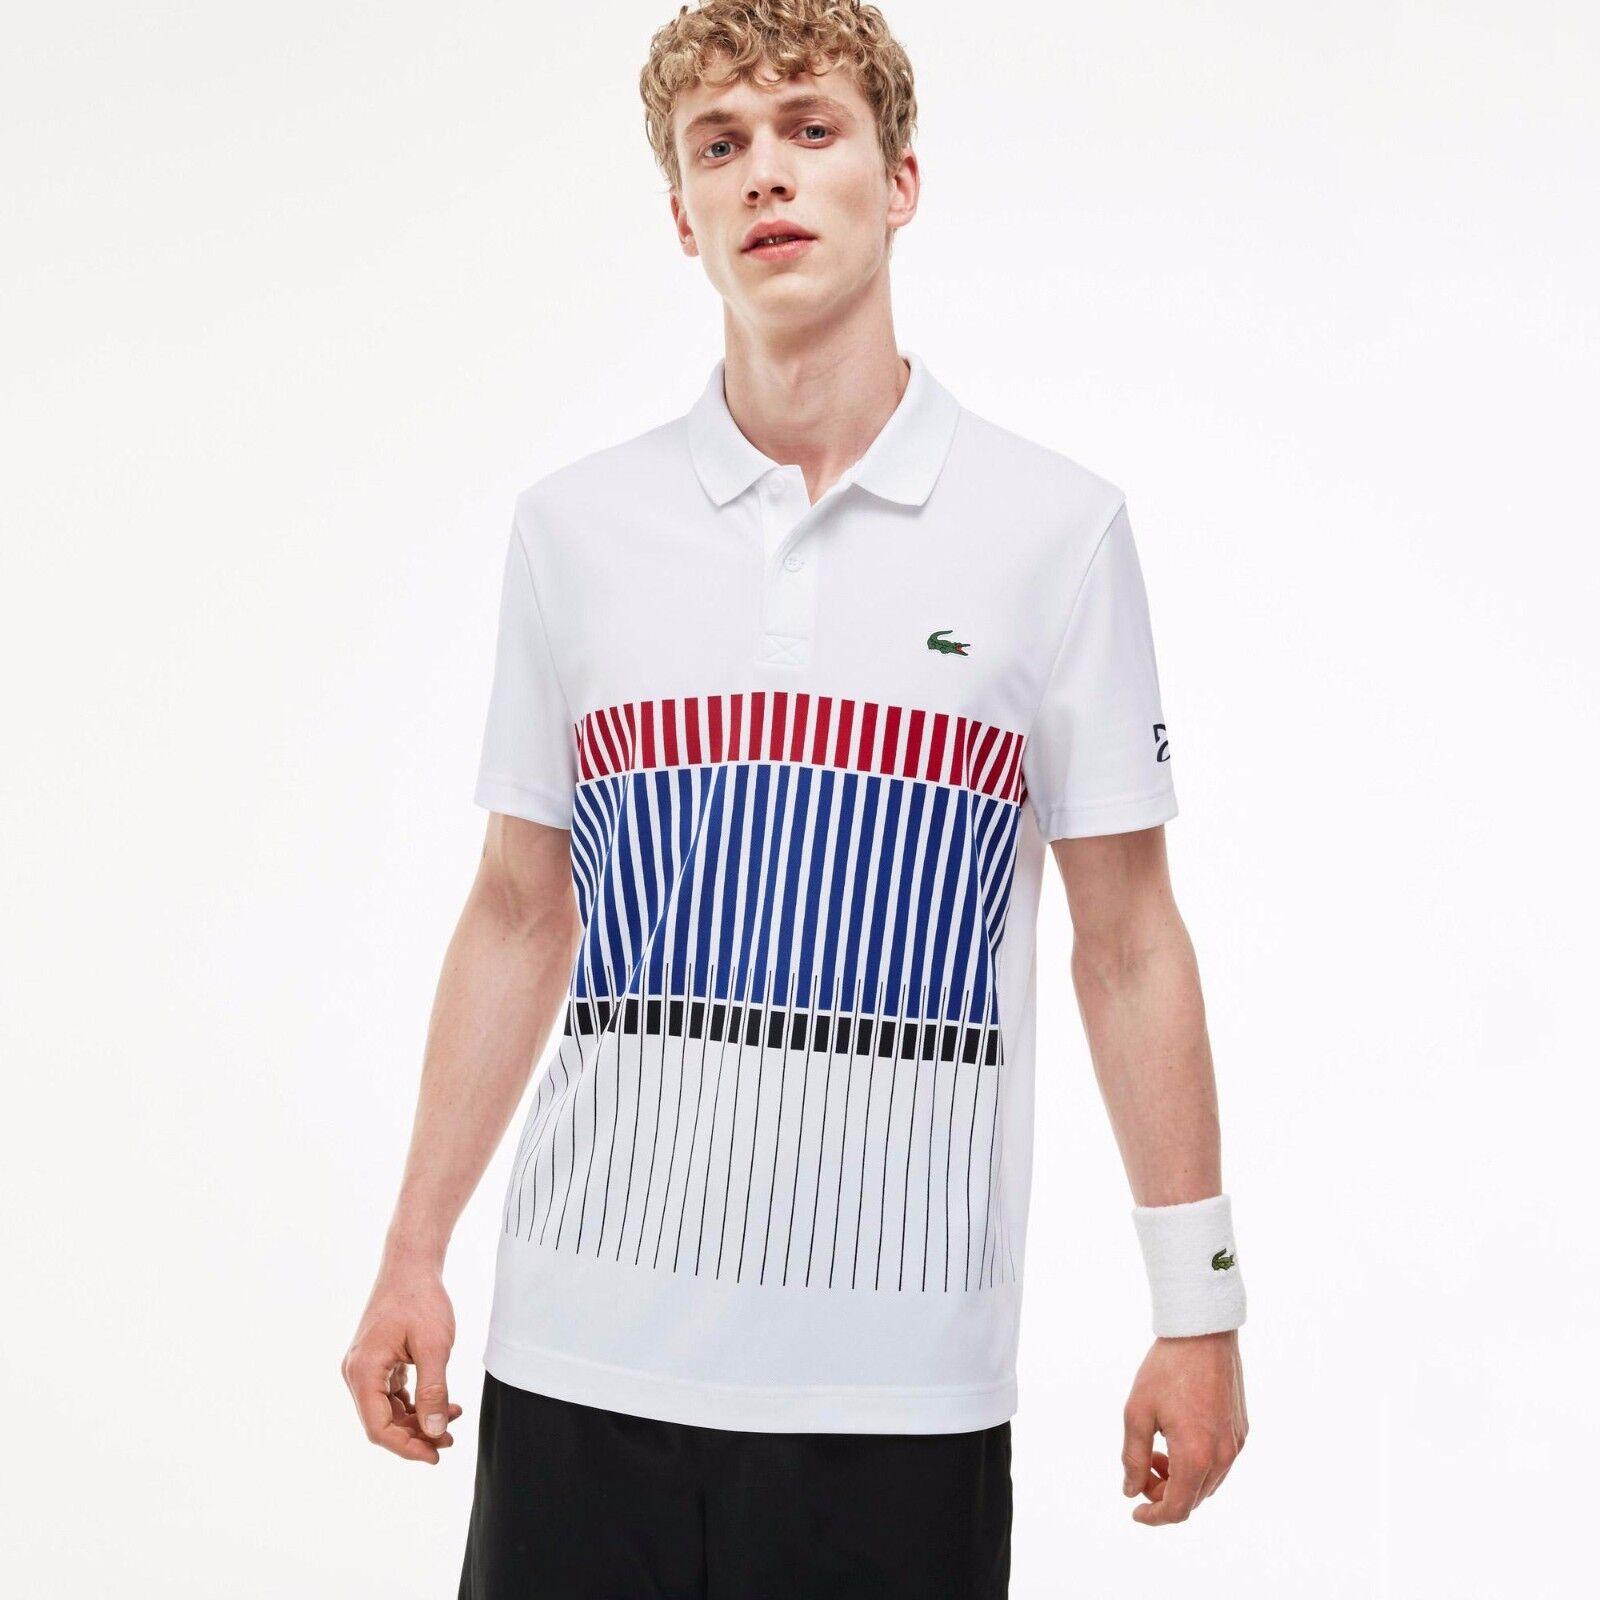 Lacoste x Novak Djokovic EXCLUSIVE EDITION Men's Polo Shirt, size 4-9 (M-4XL)